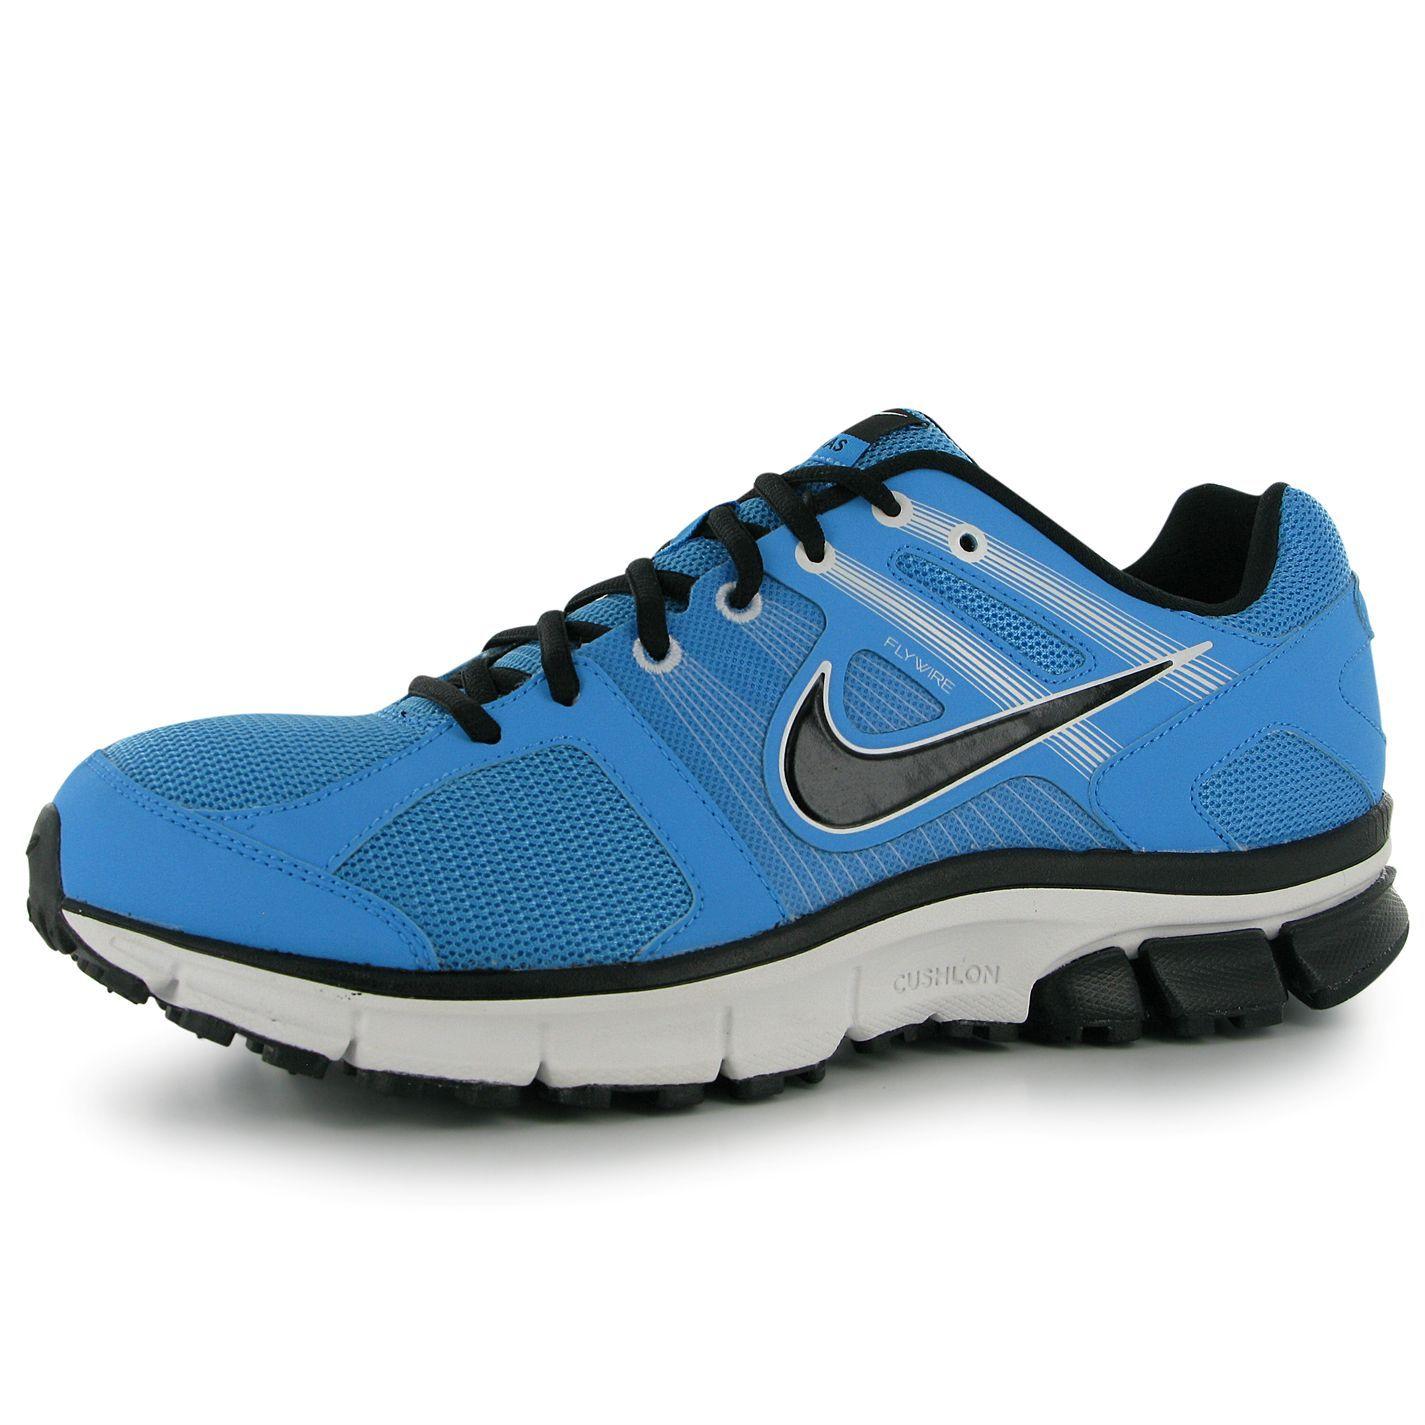 c88331da268 Running nike 39. Running nike 39. Je veux trouver des chaussures de running  de bonne qualité pas cher ICI ...